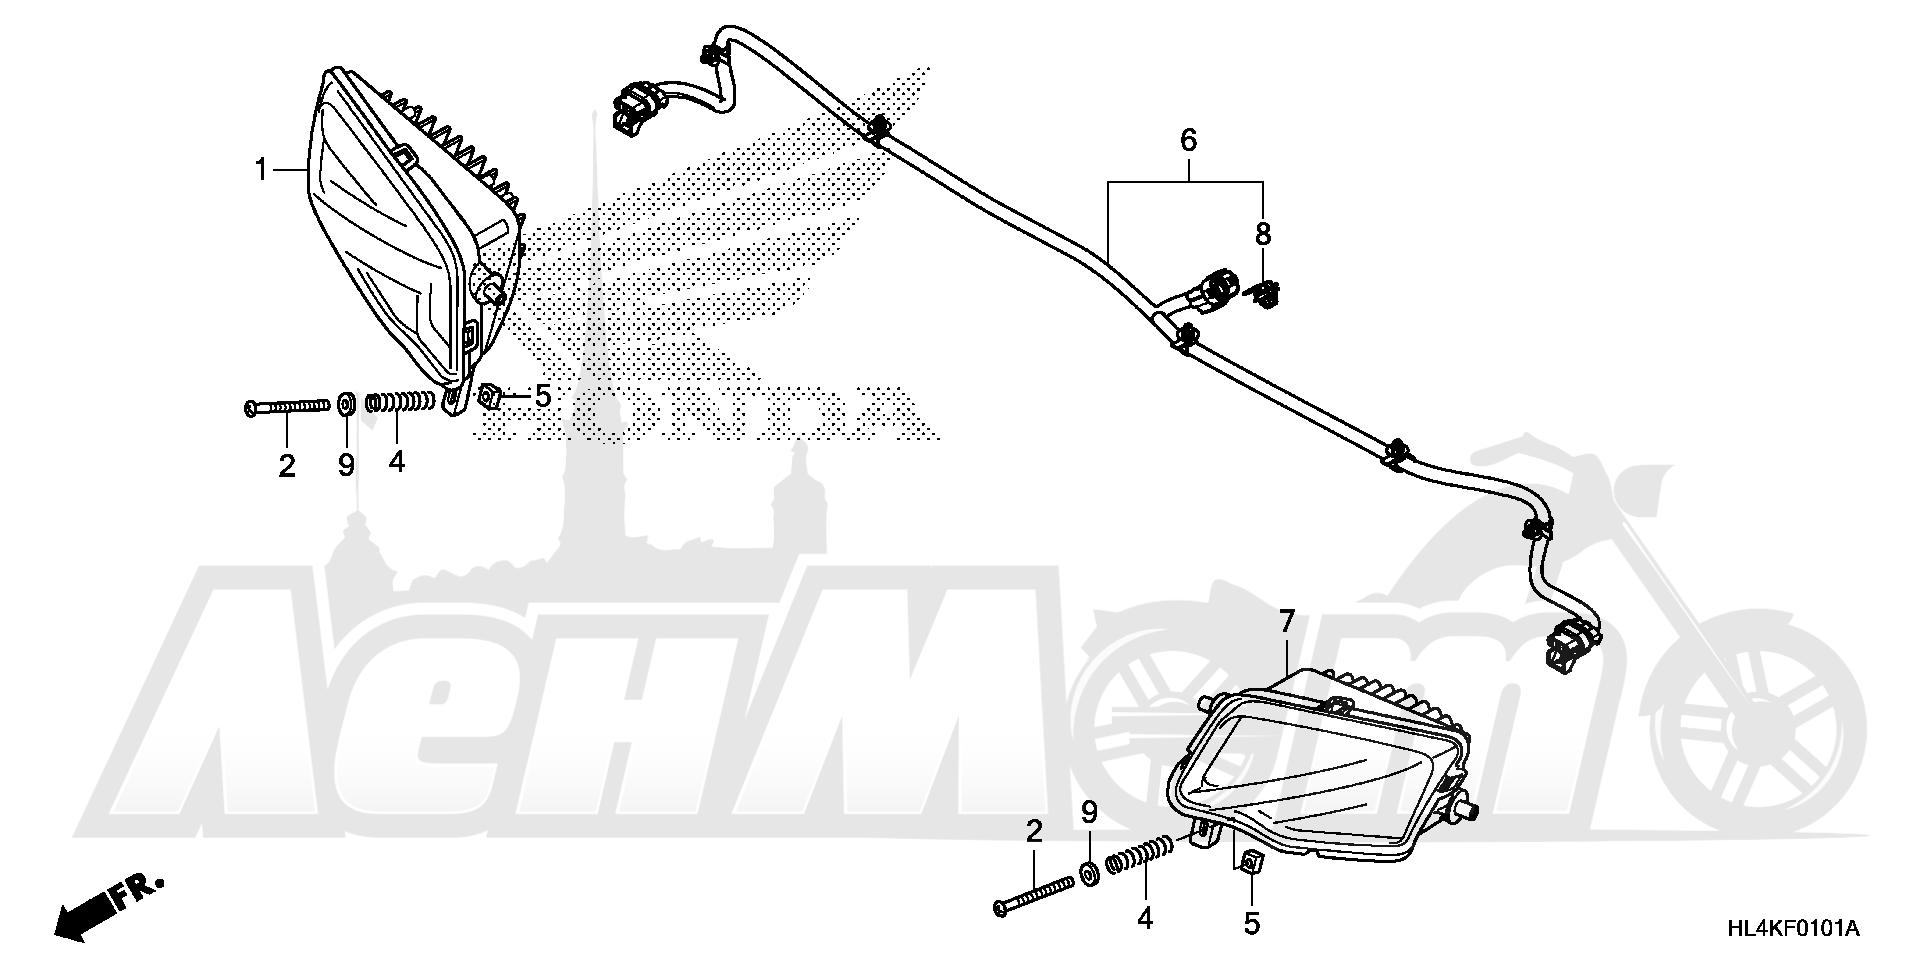 Запчасти для Квадроцикла Honda 2019 SXS1000M3L Раздел: HEADLIGHT (2) | передняя фара (2)